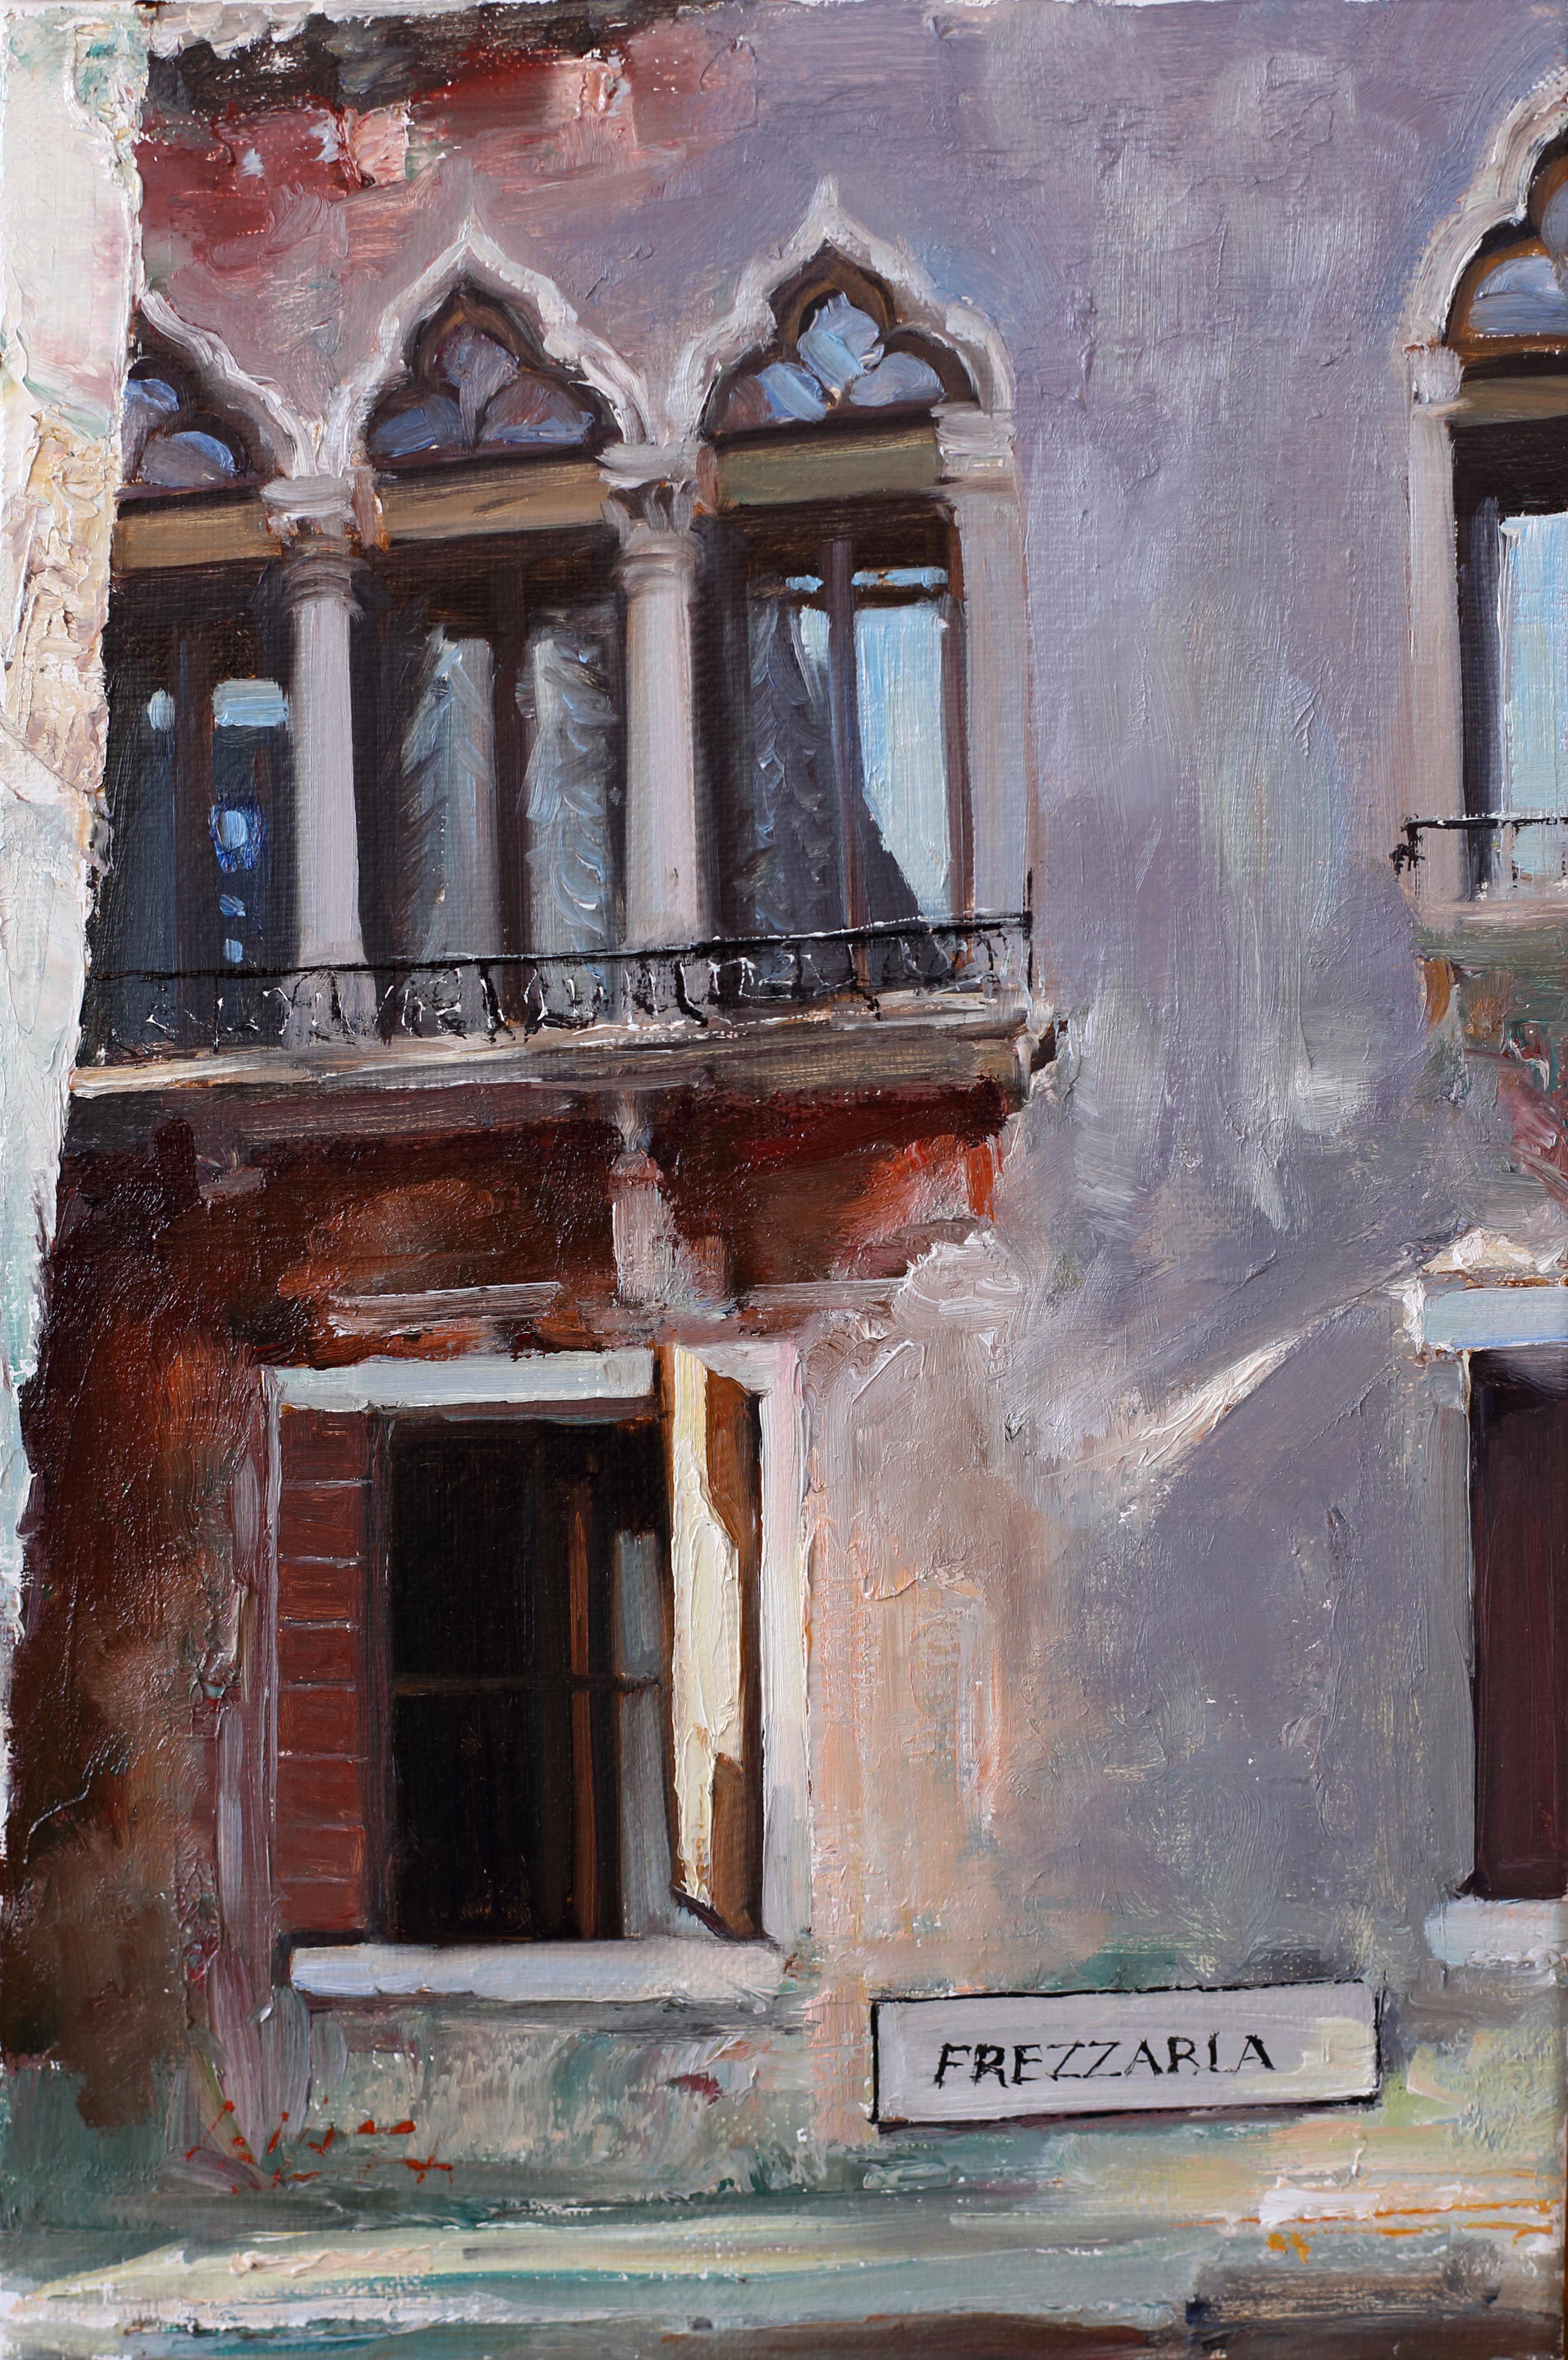 FREZZARIA 34.8x23 Oil on canvas 2014